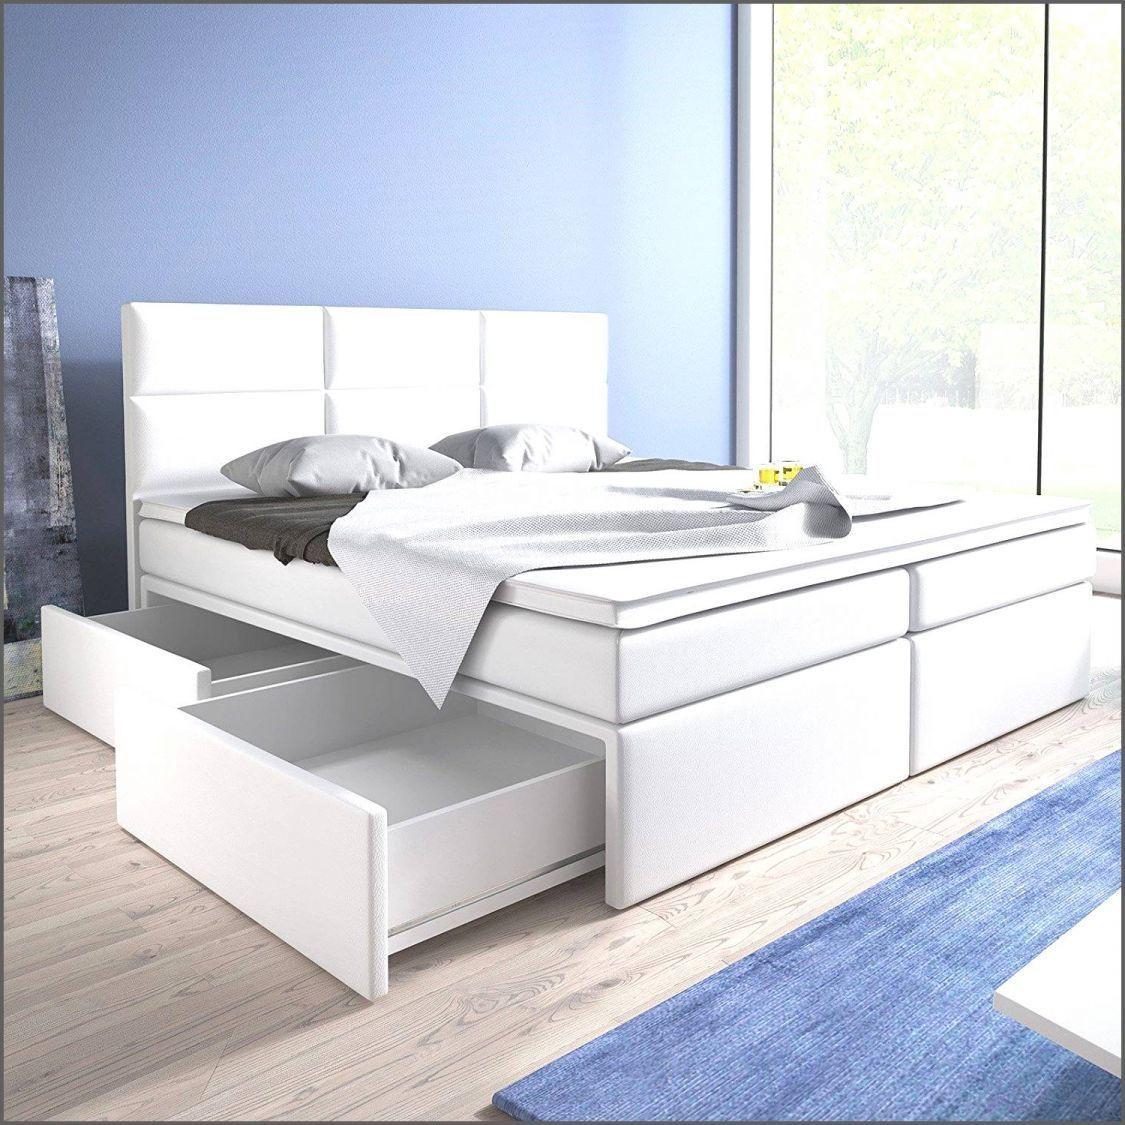 Full Size of Stauraum Bett 120x200 Ikea Amerikanische Betten Paletten 140x200 120x190 160x200 Schlafzimmer Sofa Mit Schlaffunktion Grau Mädchen Bopita Schwarzes 160 Hunde Wohnzimmer Stauraum Bett 120x200 Ikea